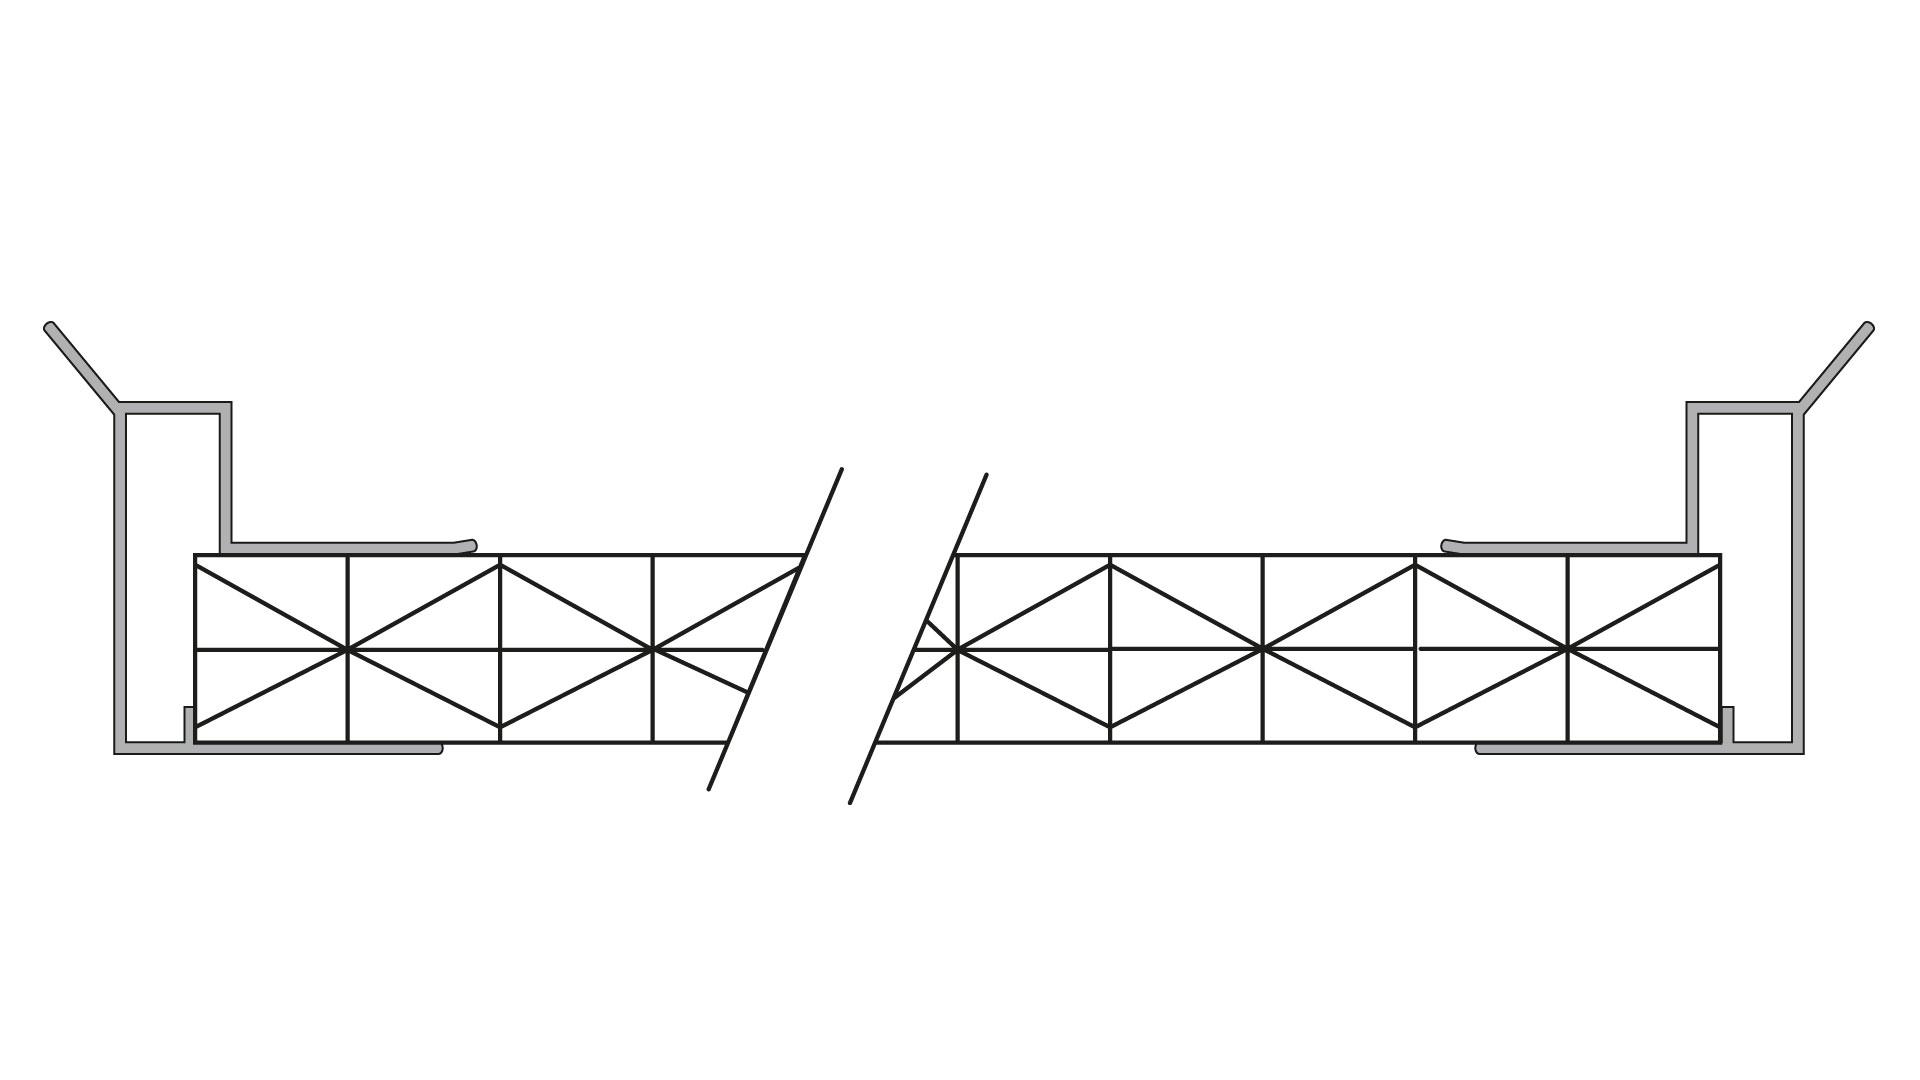 Gro0e Tropfkante seitlich montiert auf Stegplatten